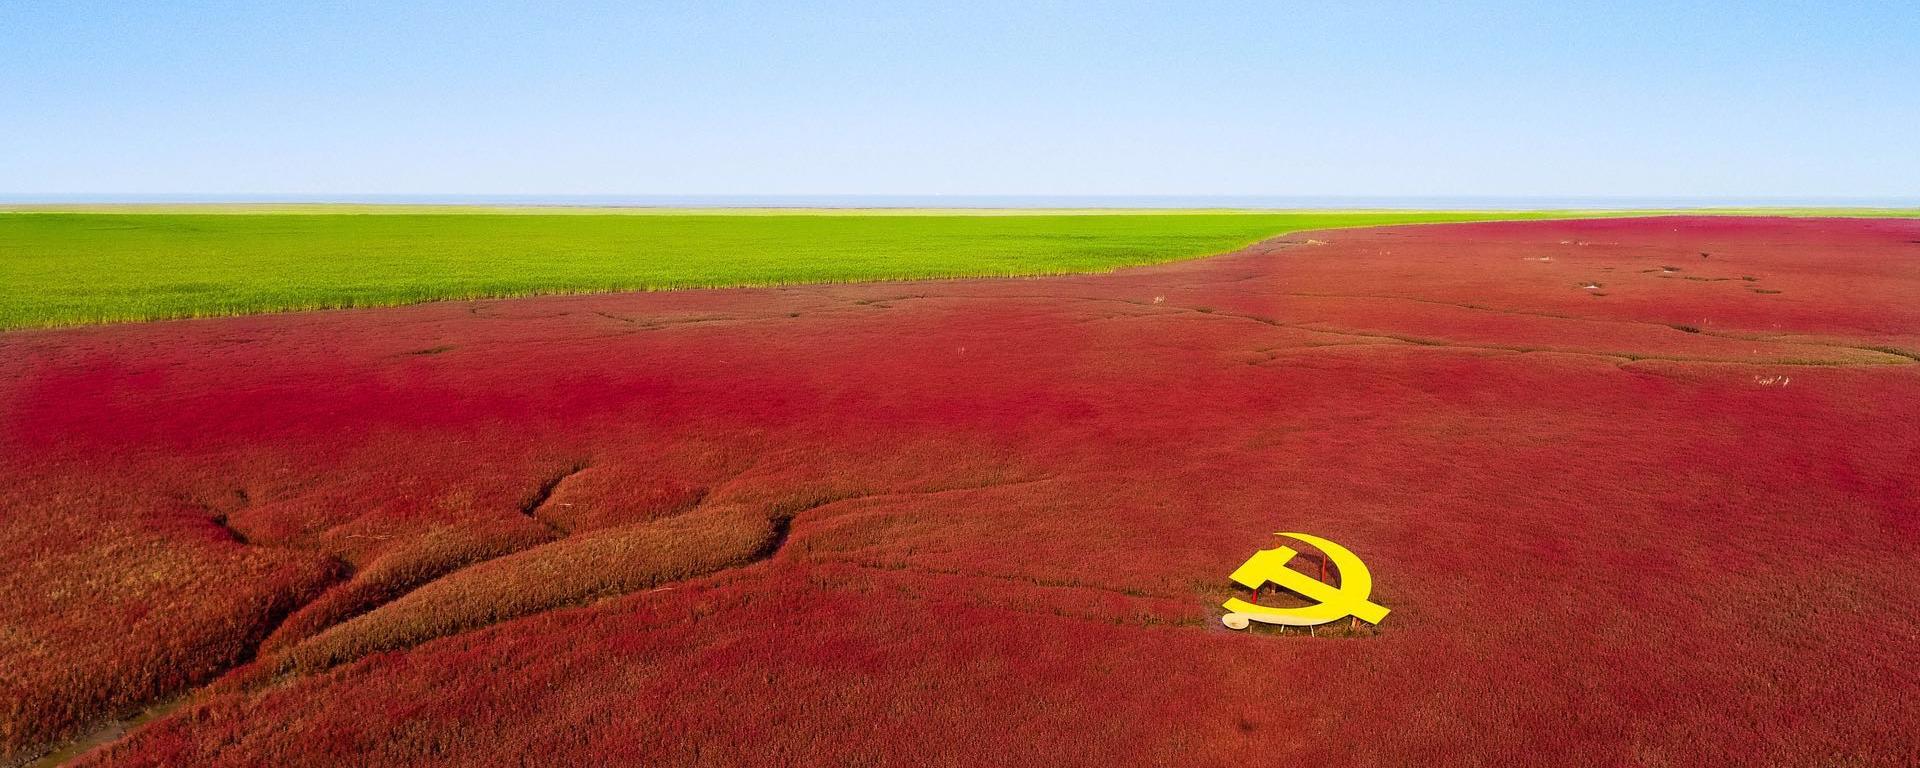 五色盘锦,魅力红海滩(北京出发乐享周末)